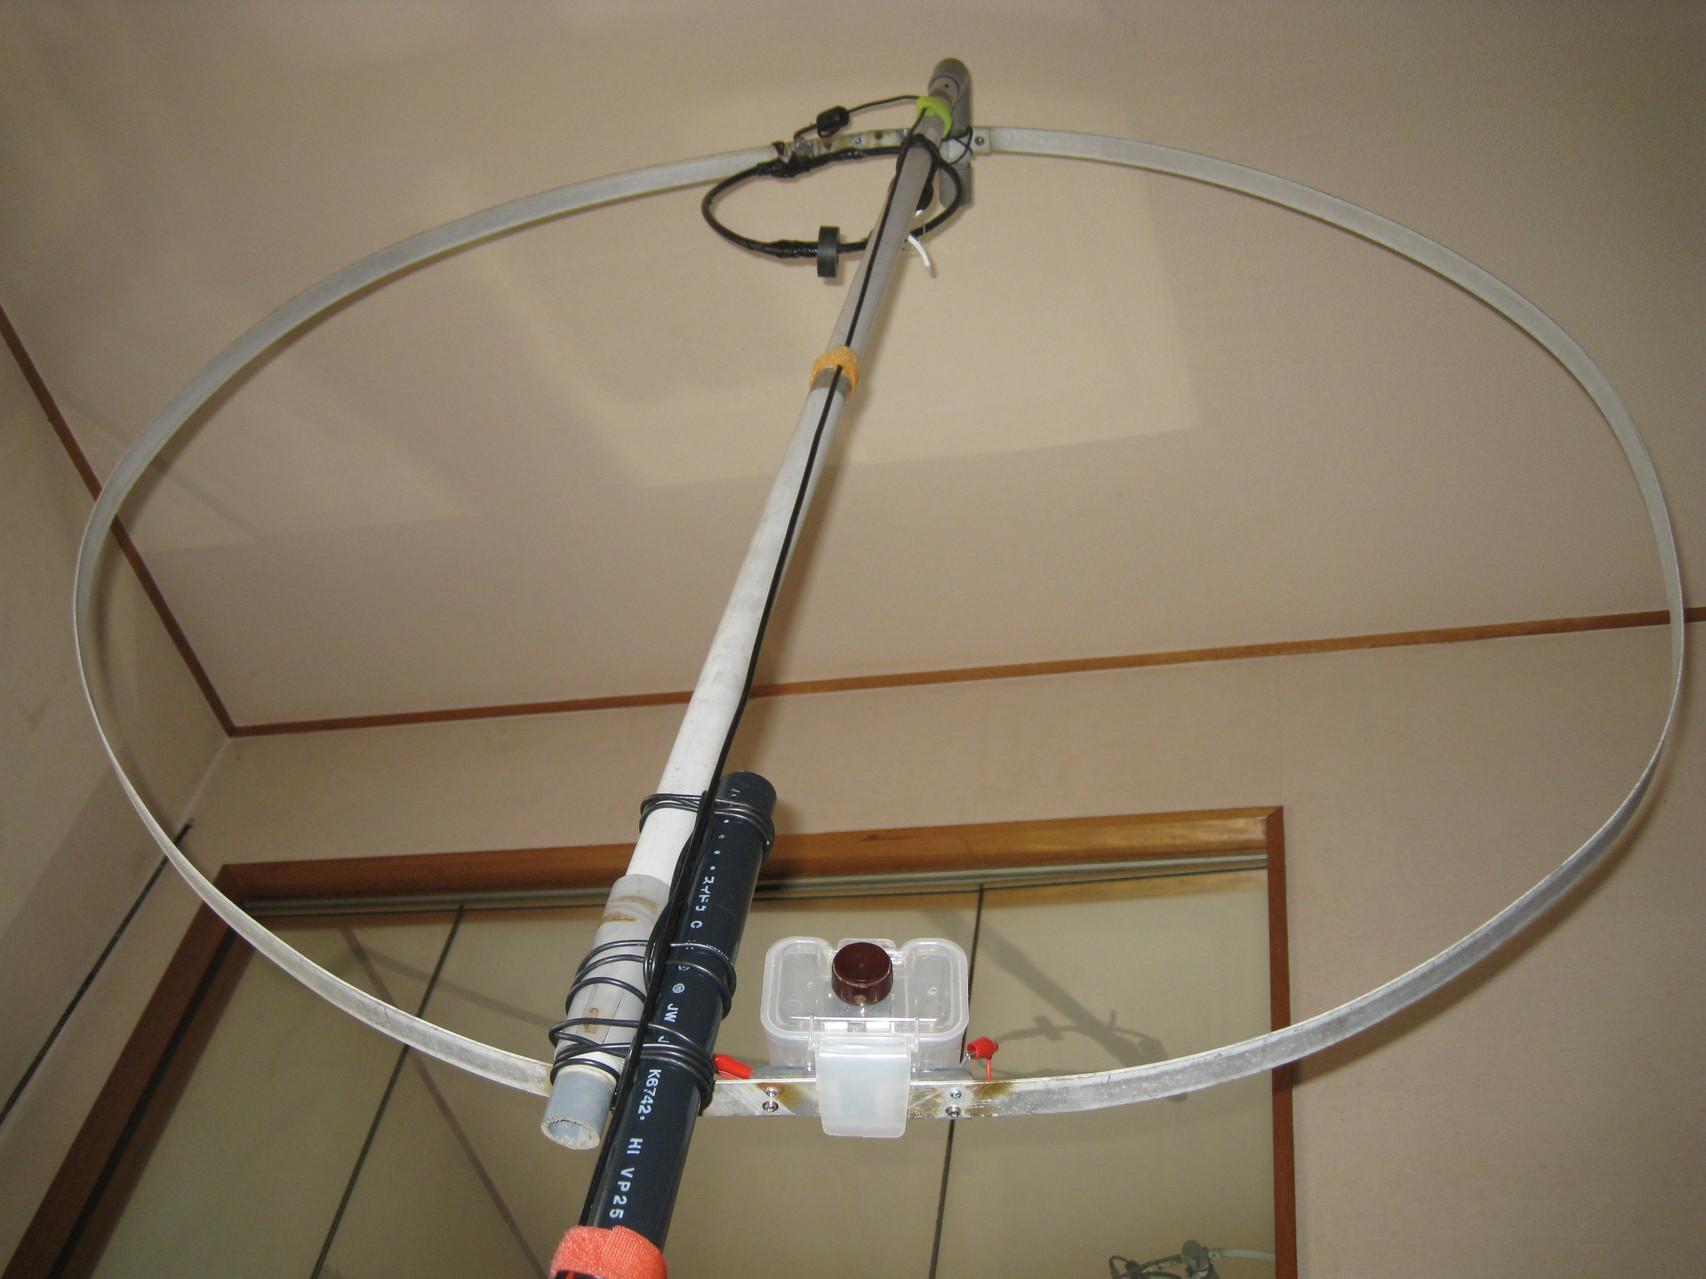 直径120cmMLA(直径25cm給電LOOP):ファラデーシールド結合LOOPにリング・マグネット取り付け/2014.02.15~運用障害なし/DX可能